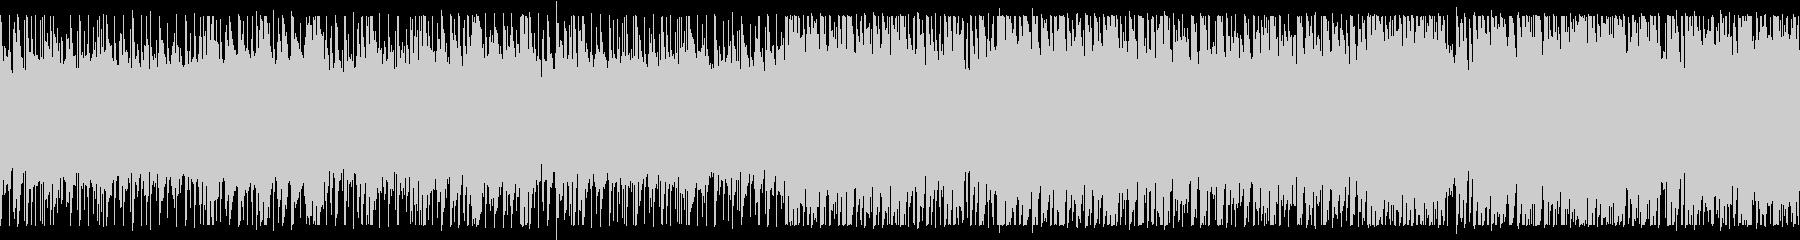 静かで美しい森のBGM ループ版の未再生の波形